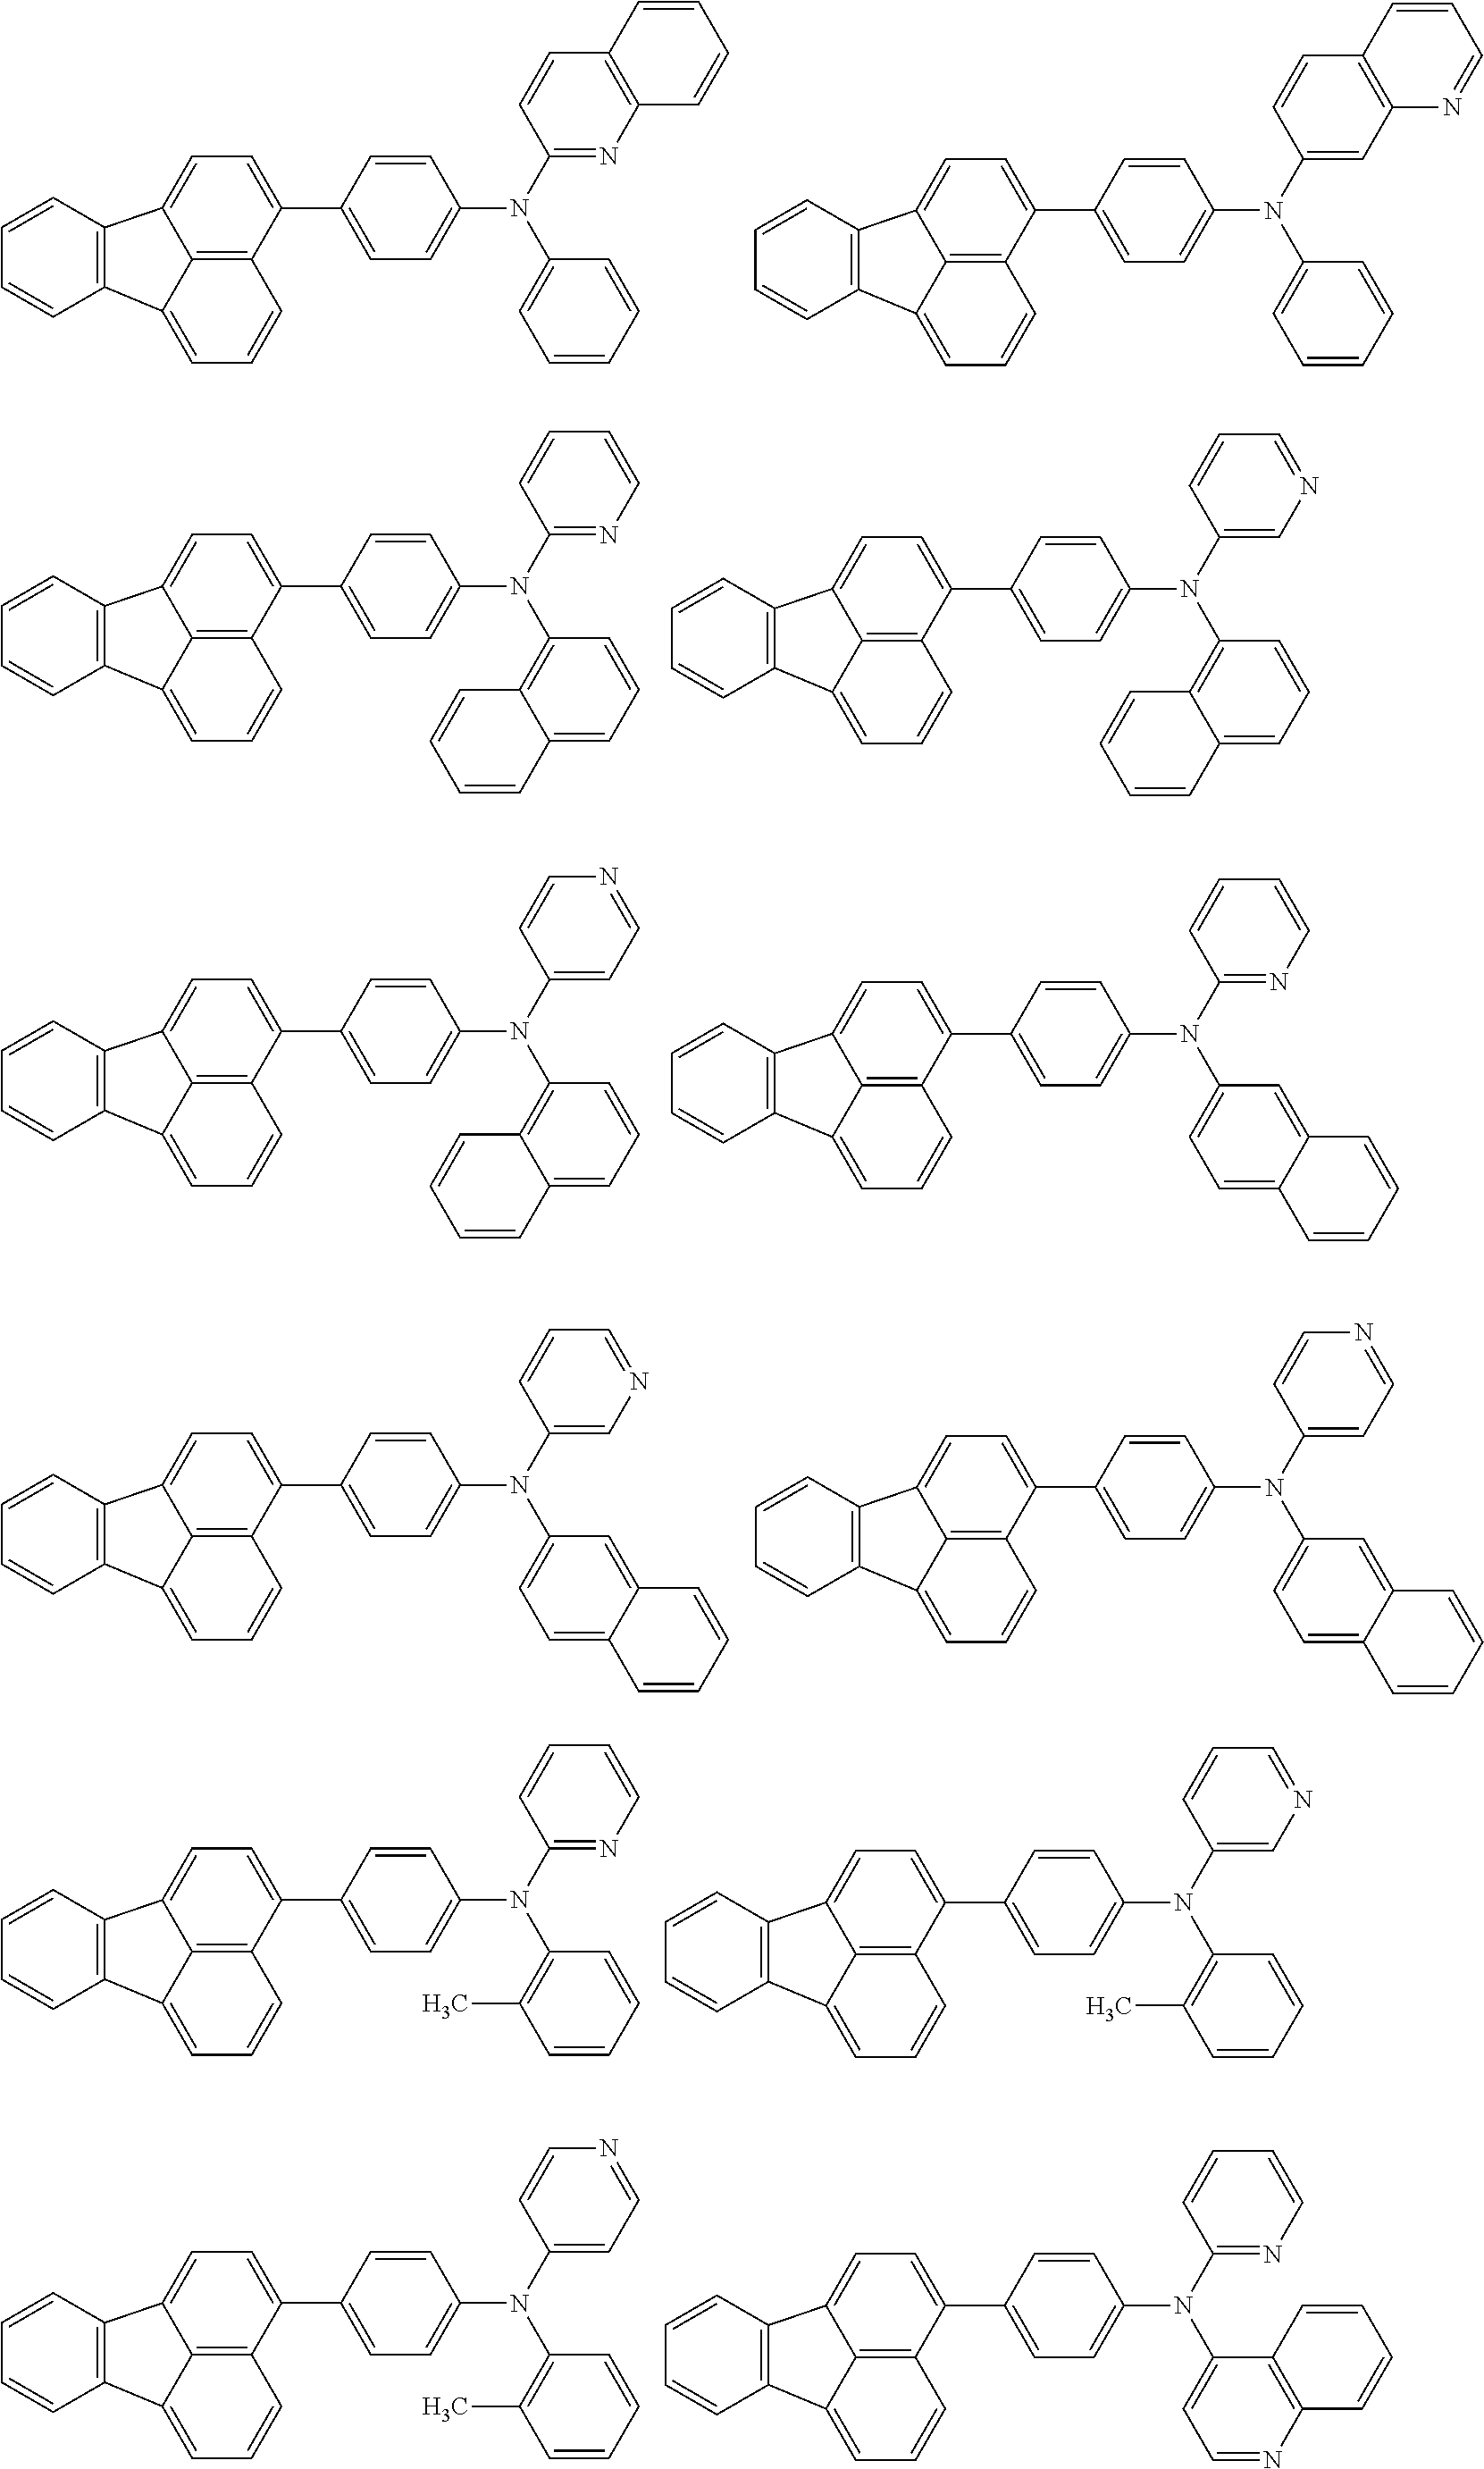 Figure US20150280139A1-20151001-C00087